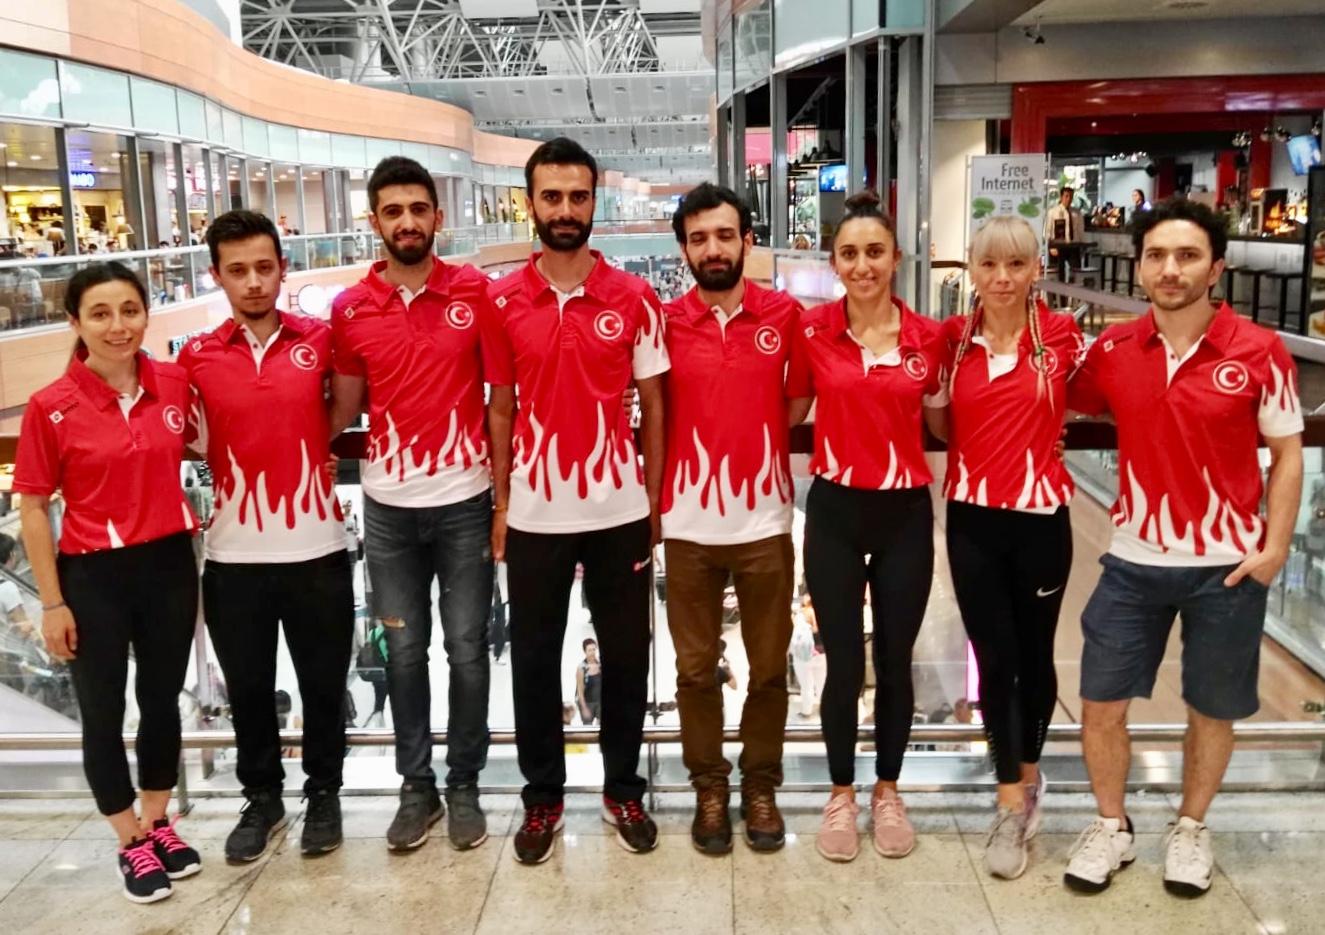 Spor Tırmanış Milli Takımımız Dünya Lider ve Hız Kupasına katılmak için İtalya'ya gitti.